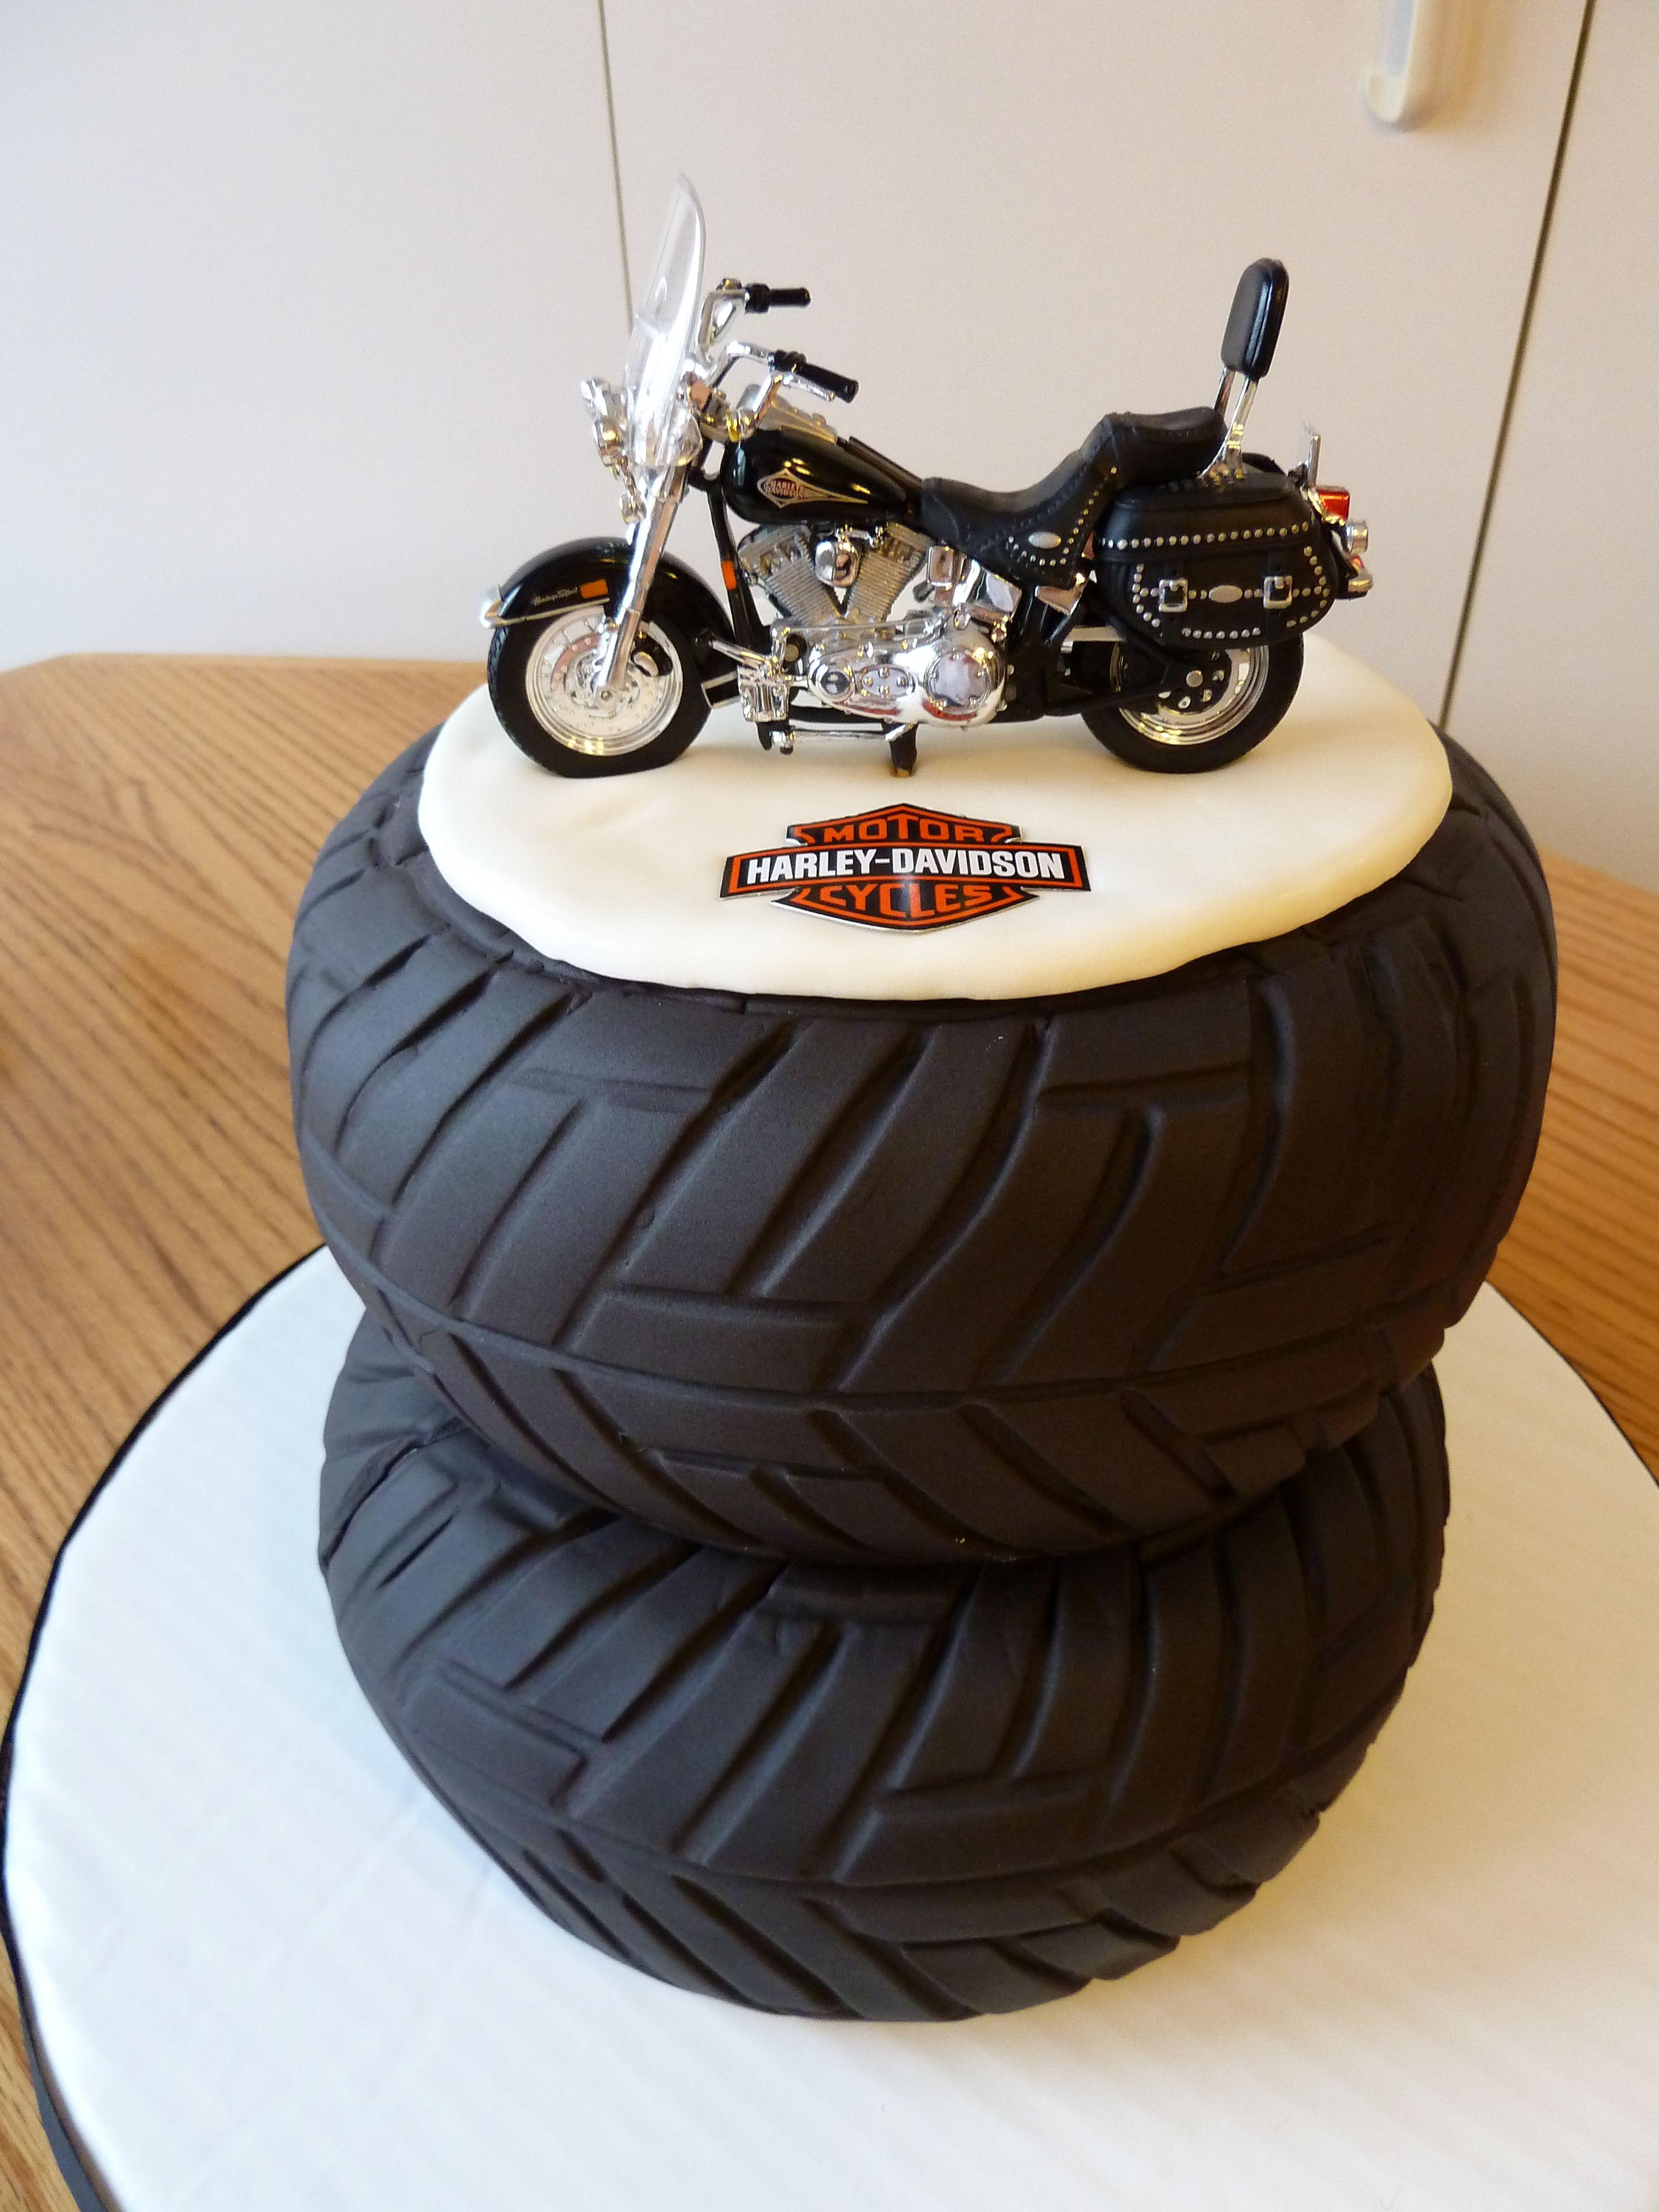 Harley Night Train >> Harley Davidson Cake | Harley davidson cake, Brithday cake, Motorcycle cake